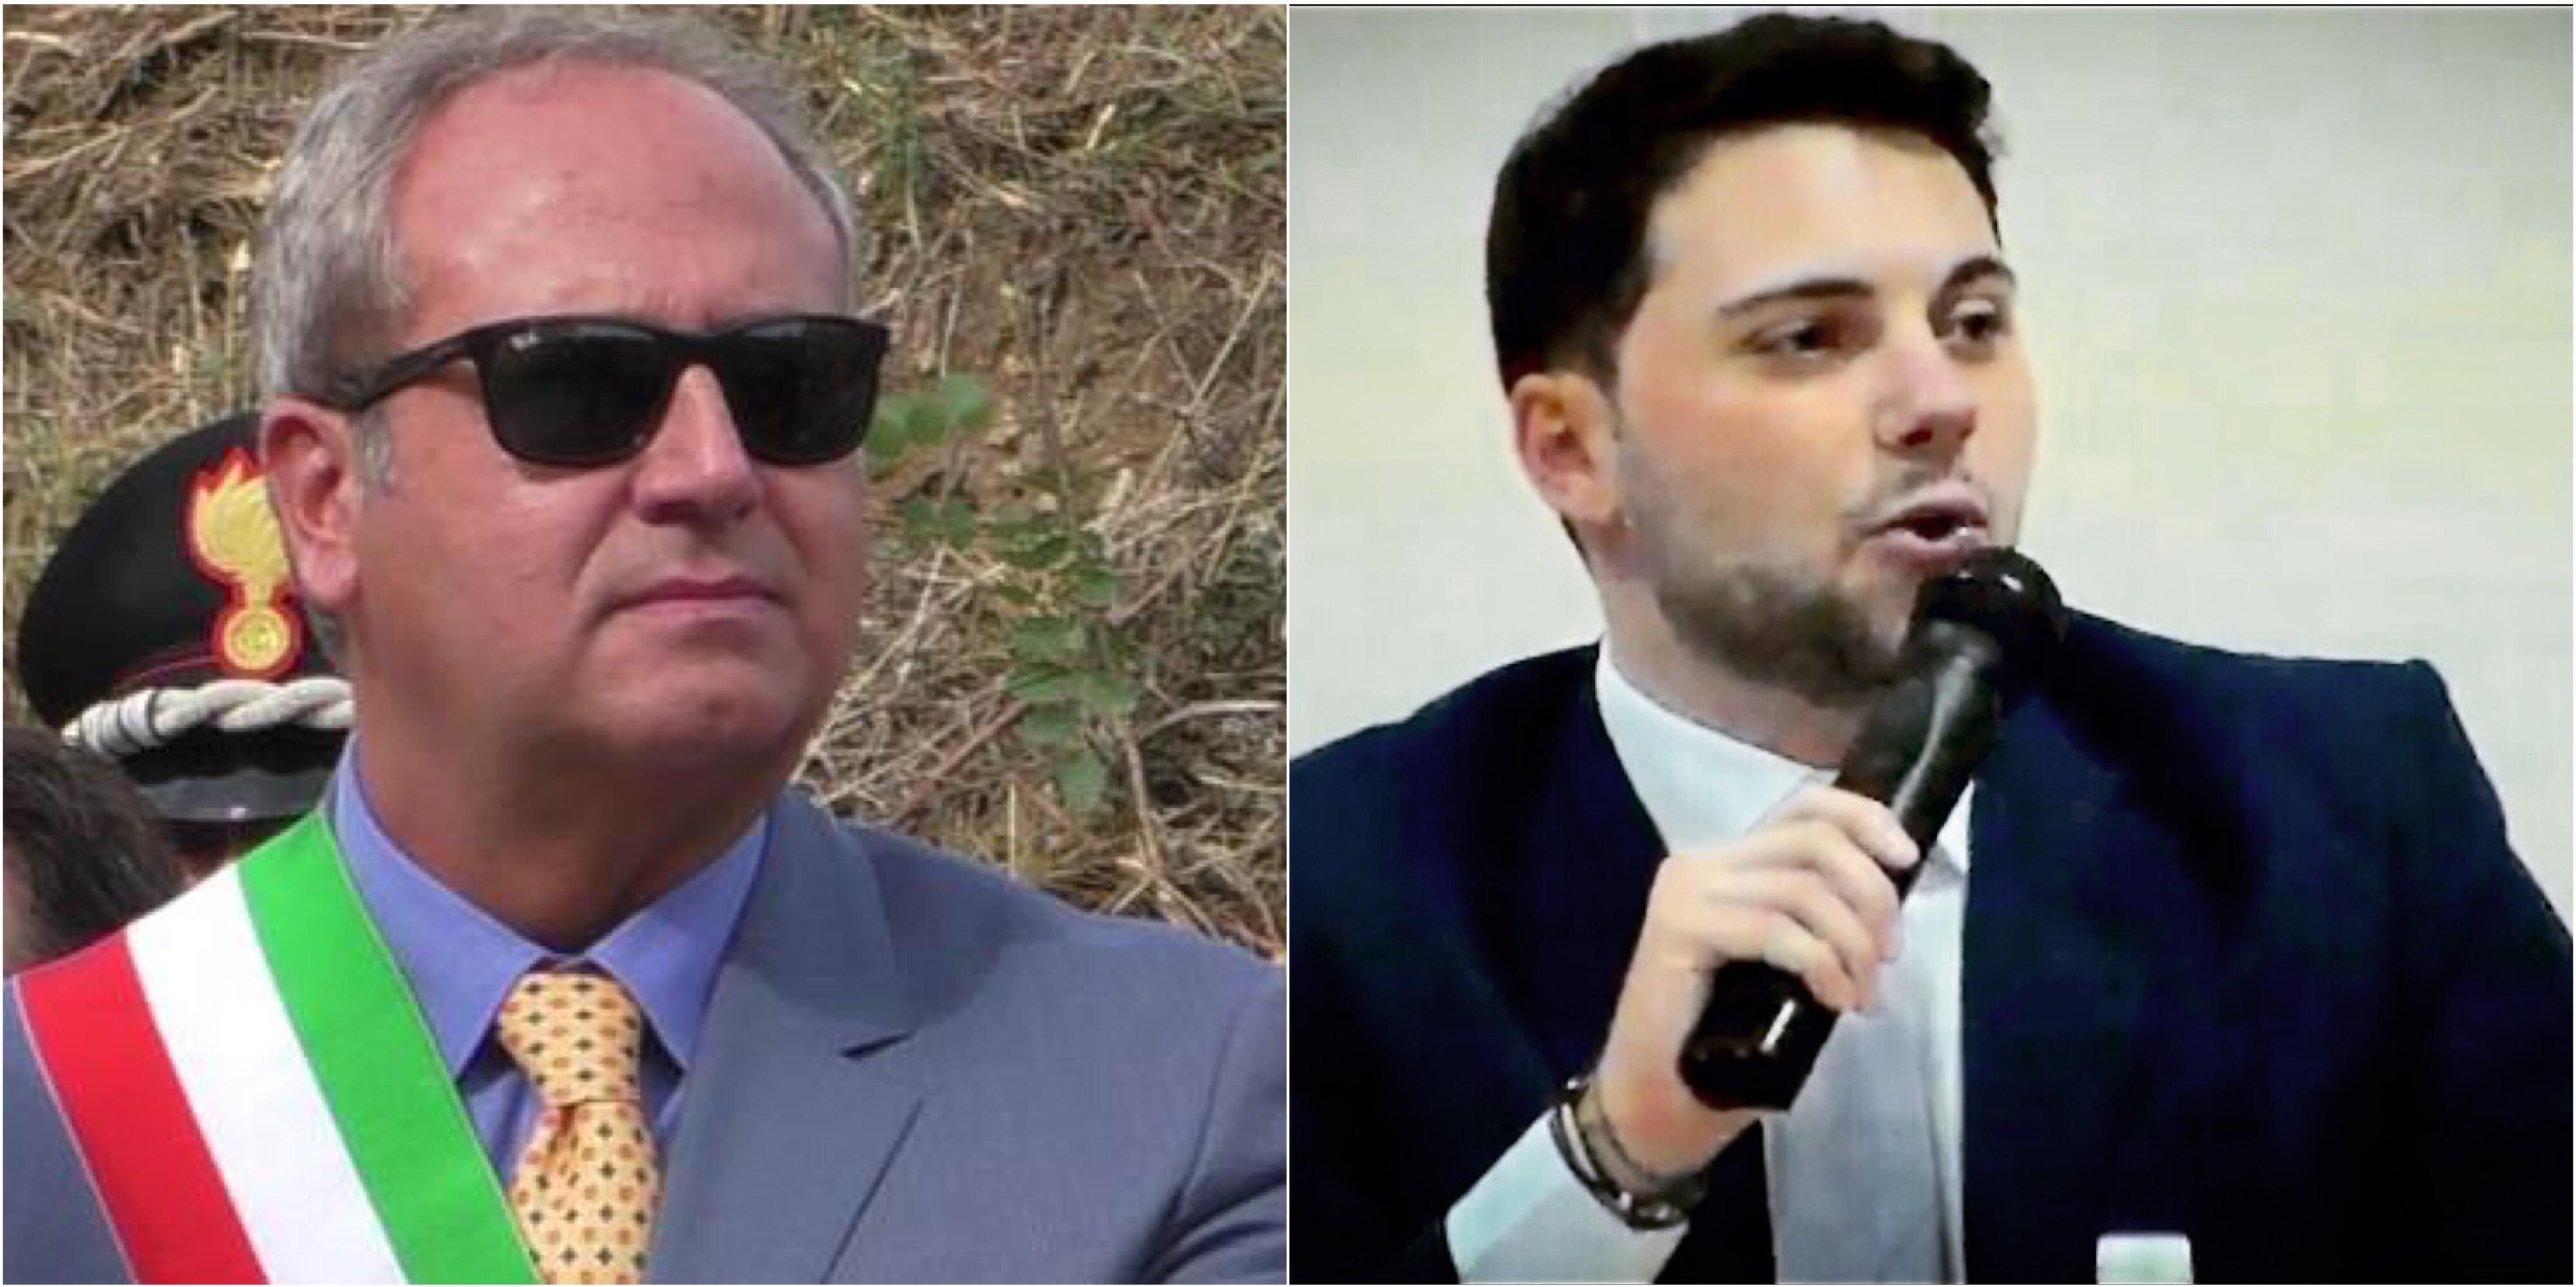 Carmine Montella e Gabriele Di Marzo